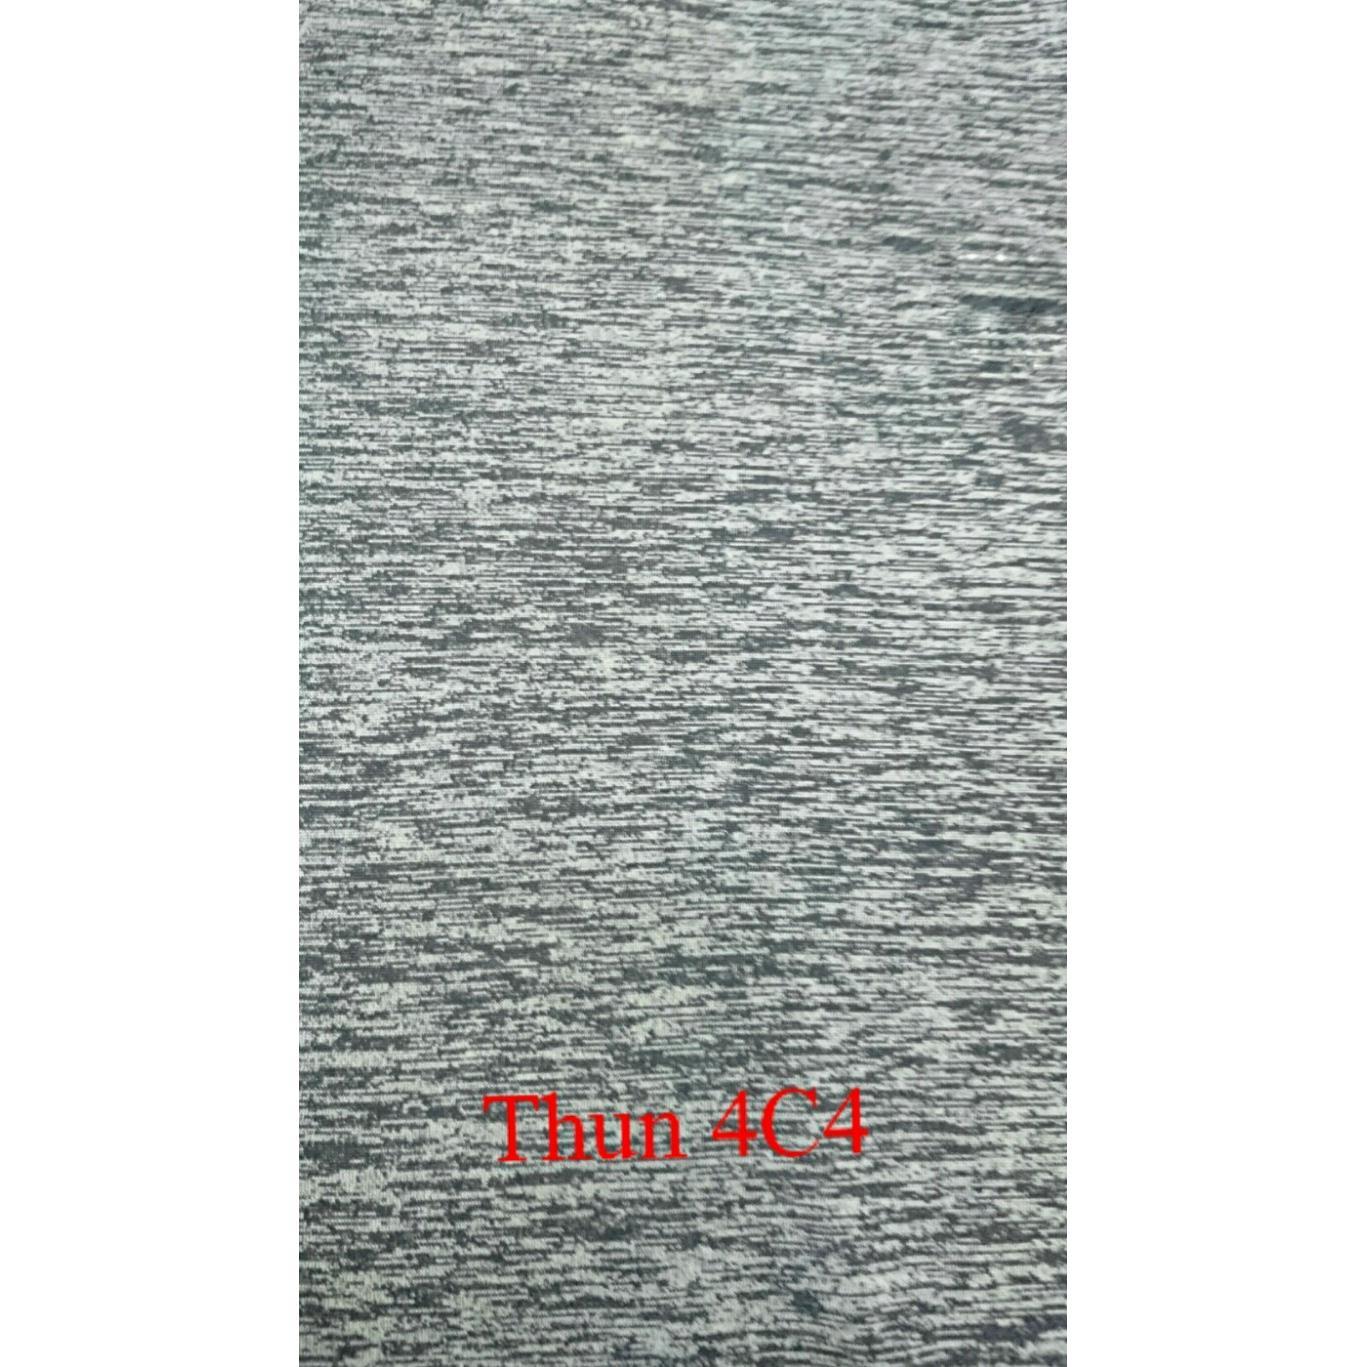 thun-4-chieu-dang-xuoc-4c4